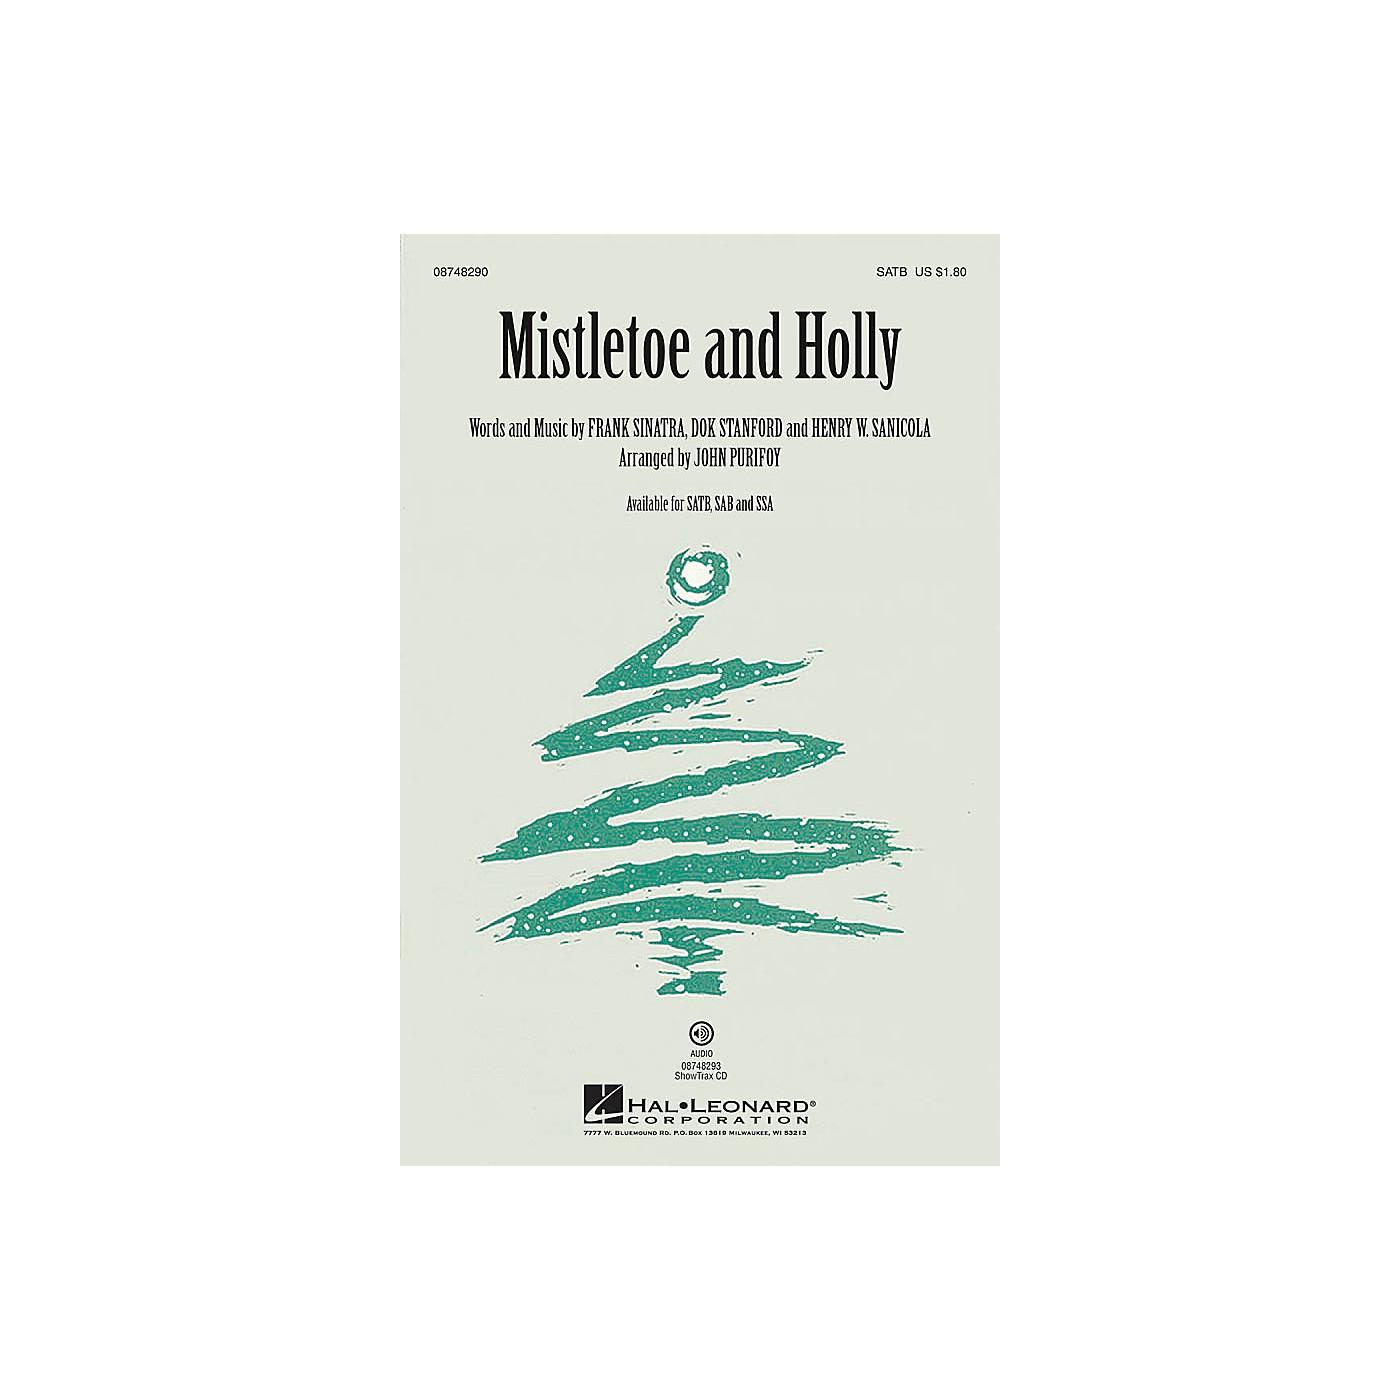 Hal Leonard Mistletoe and Holly ShowTrax CD by Frank Sinatra Arranged by John Purifoy thumbnail